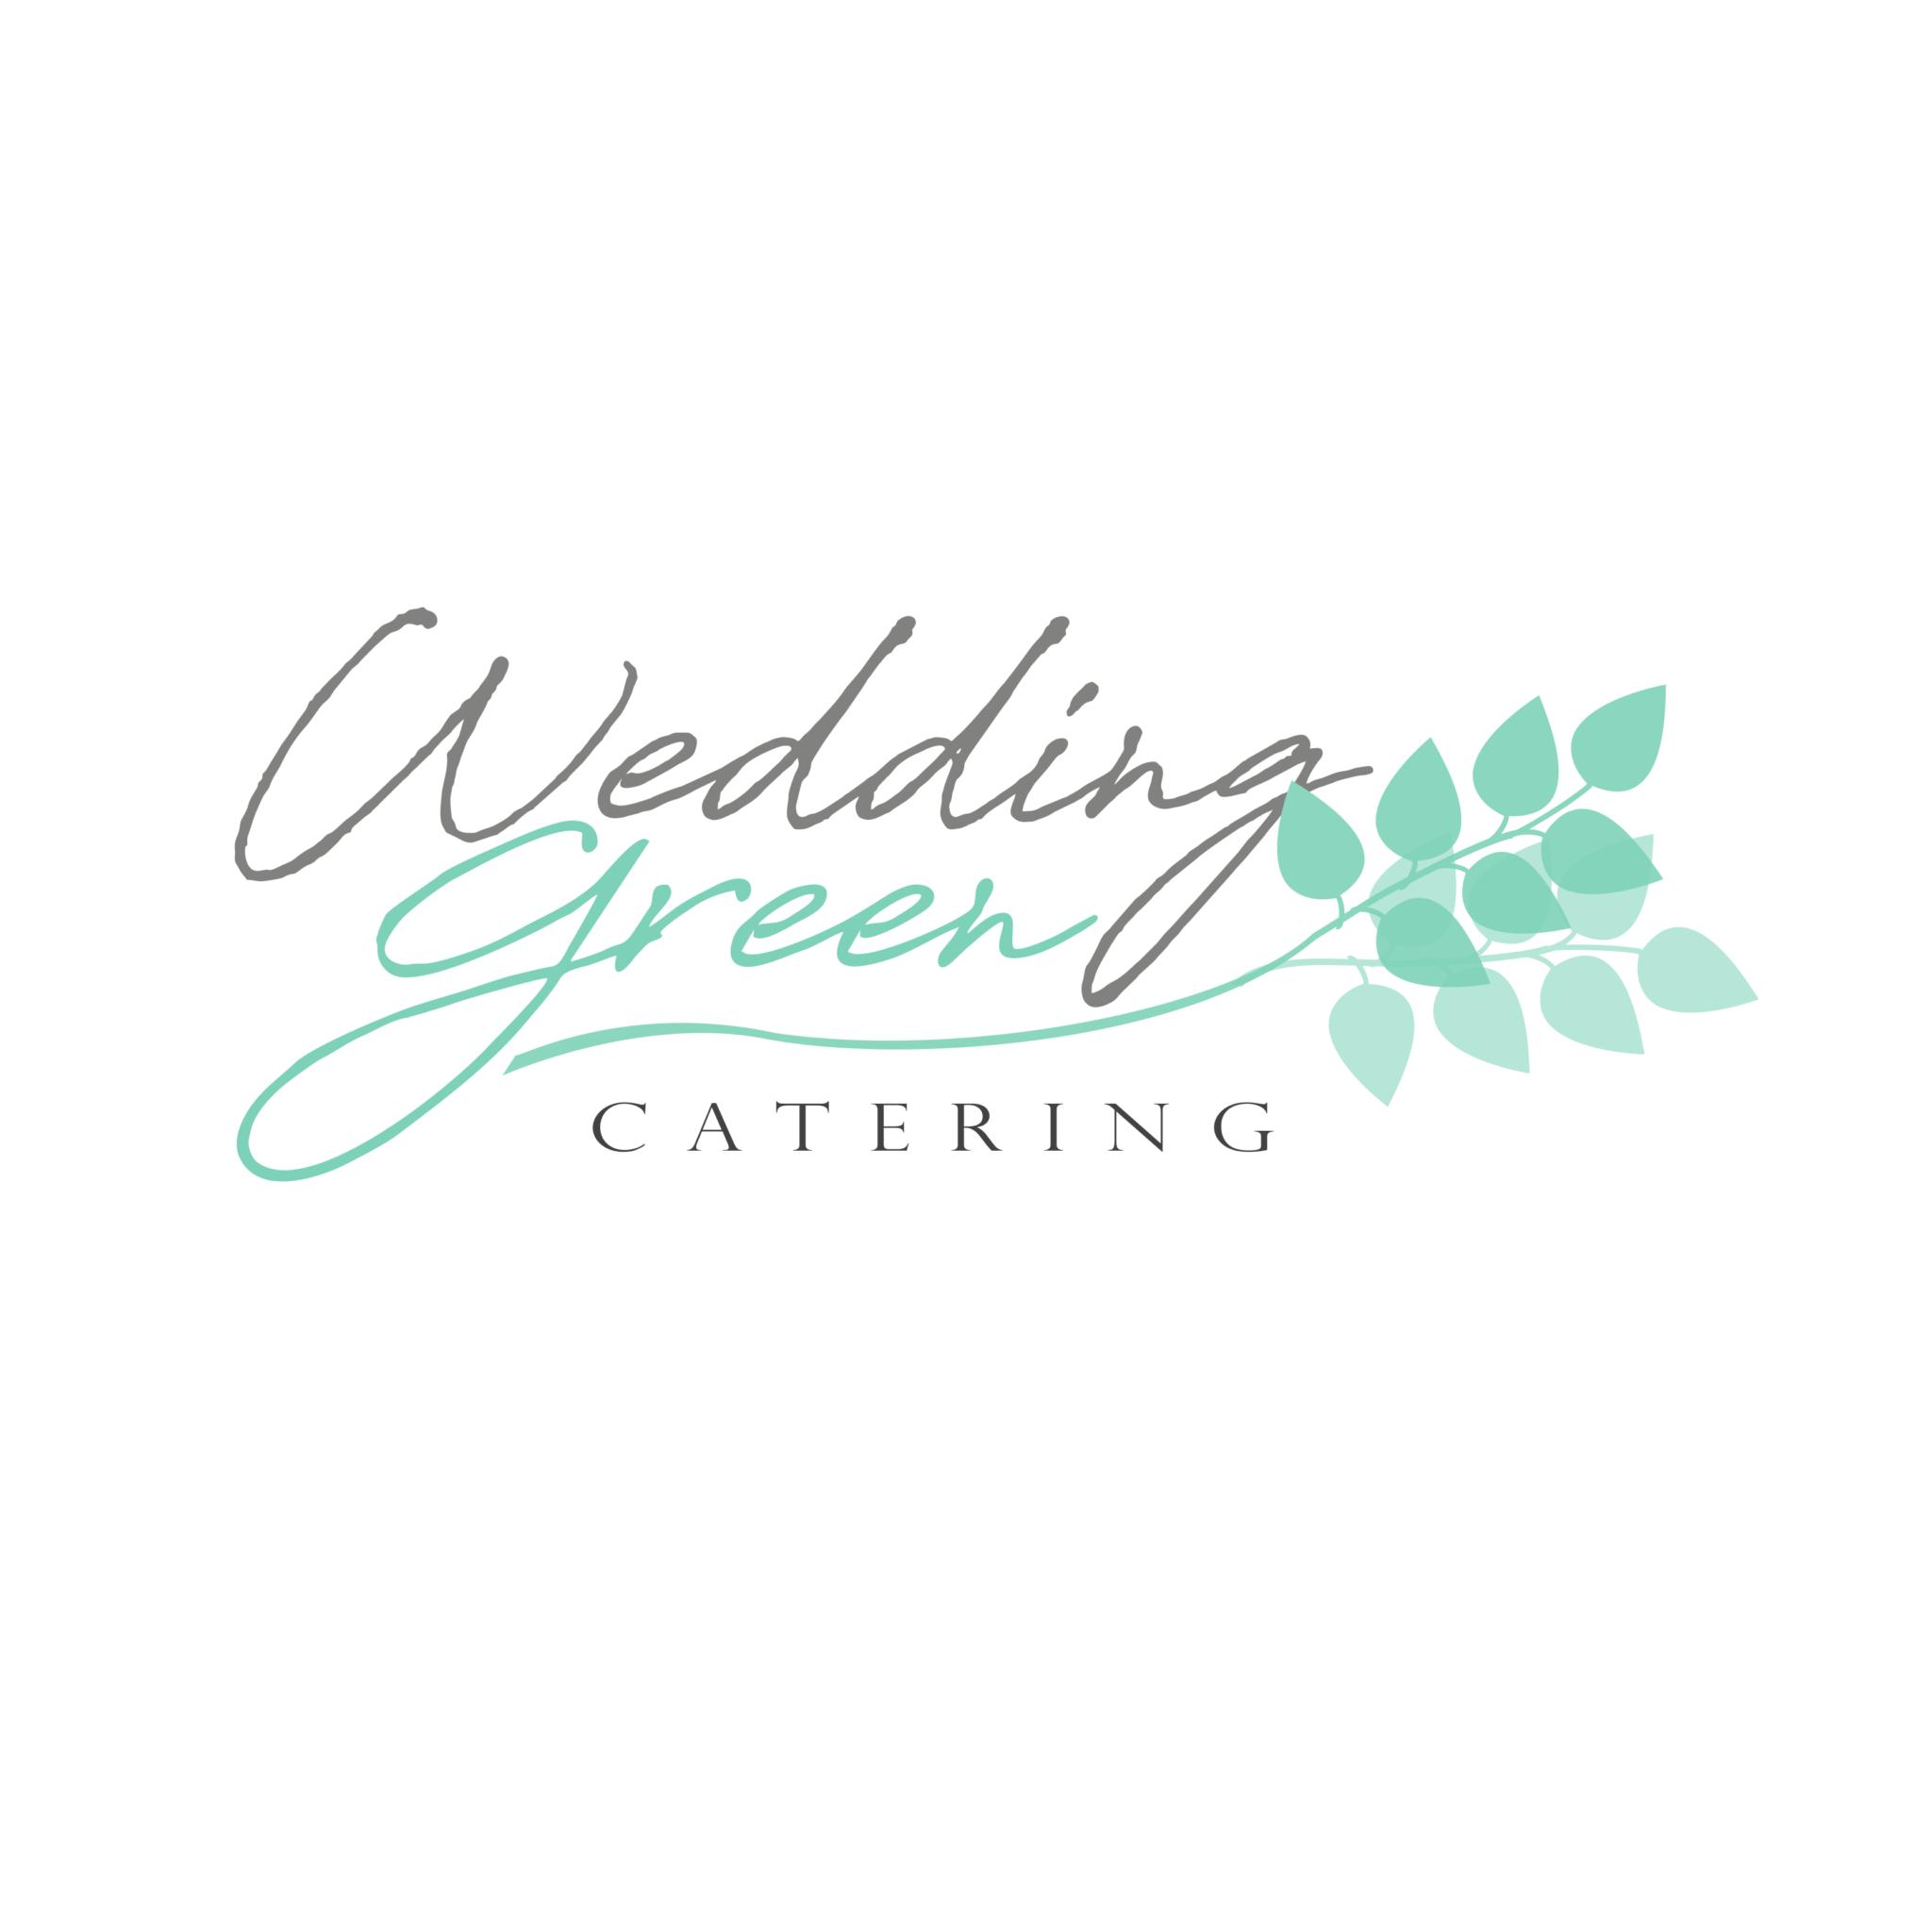 wedding green catering para bodas